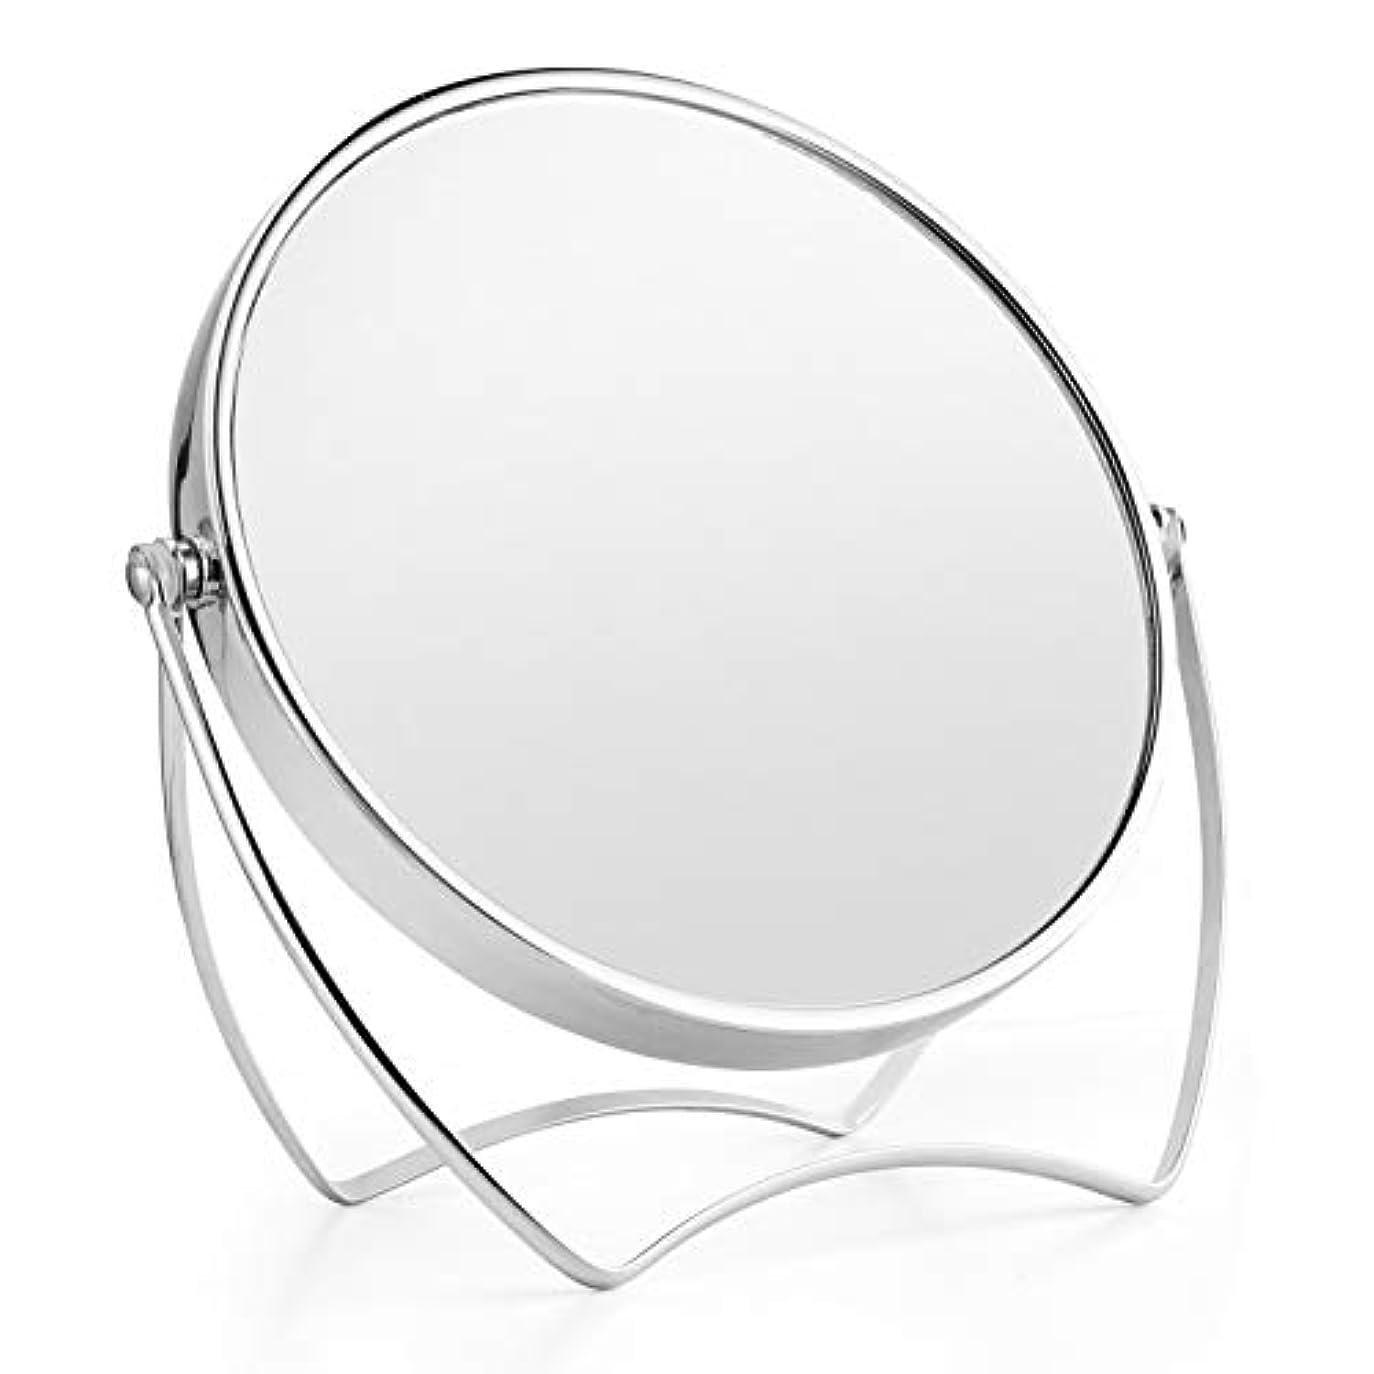 レンズ明らかにする不公平卓上ミラー 化粧鏡 1倍/5倍拡大鏡 メイクミラー 両面化粧鏡 ラウンドミラー 女優ミラー スタンドミラー 卓上鏡 360°回転ブラケット メタルフレームバニティミラー 寝室や浴室に適しています(15cm)